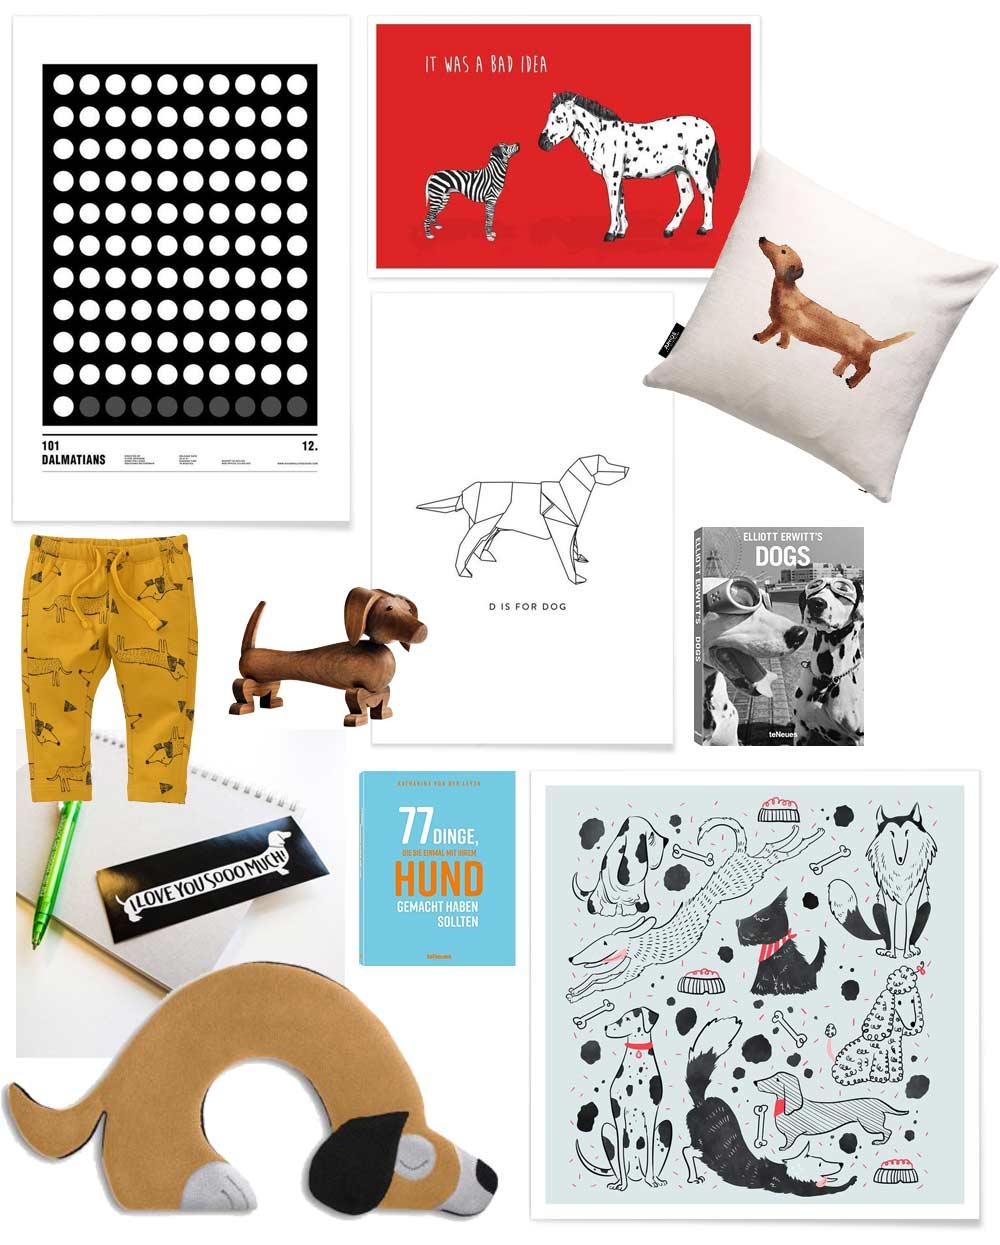 Geschenkideen für Hundefreunde - Weihnachtsgeschenktipps für Hundeliebhaber